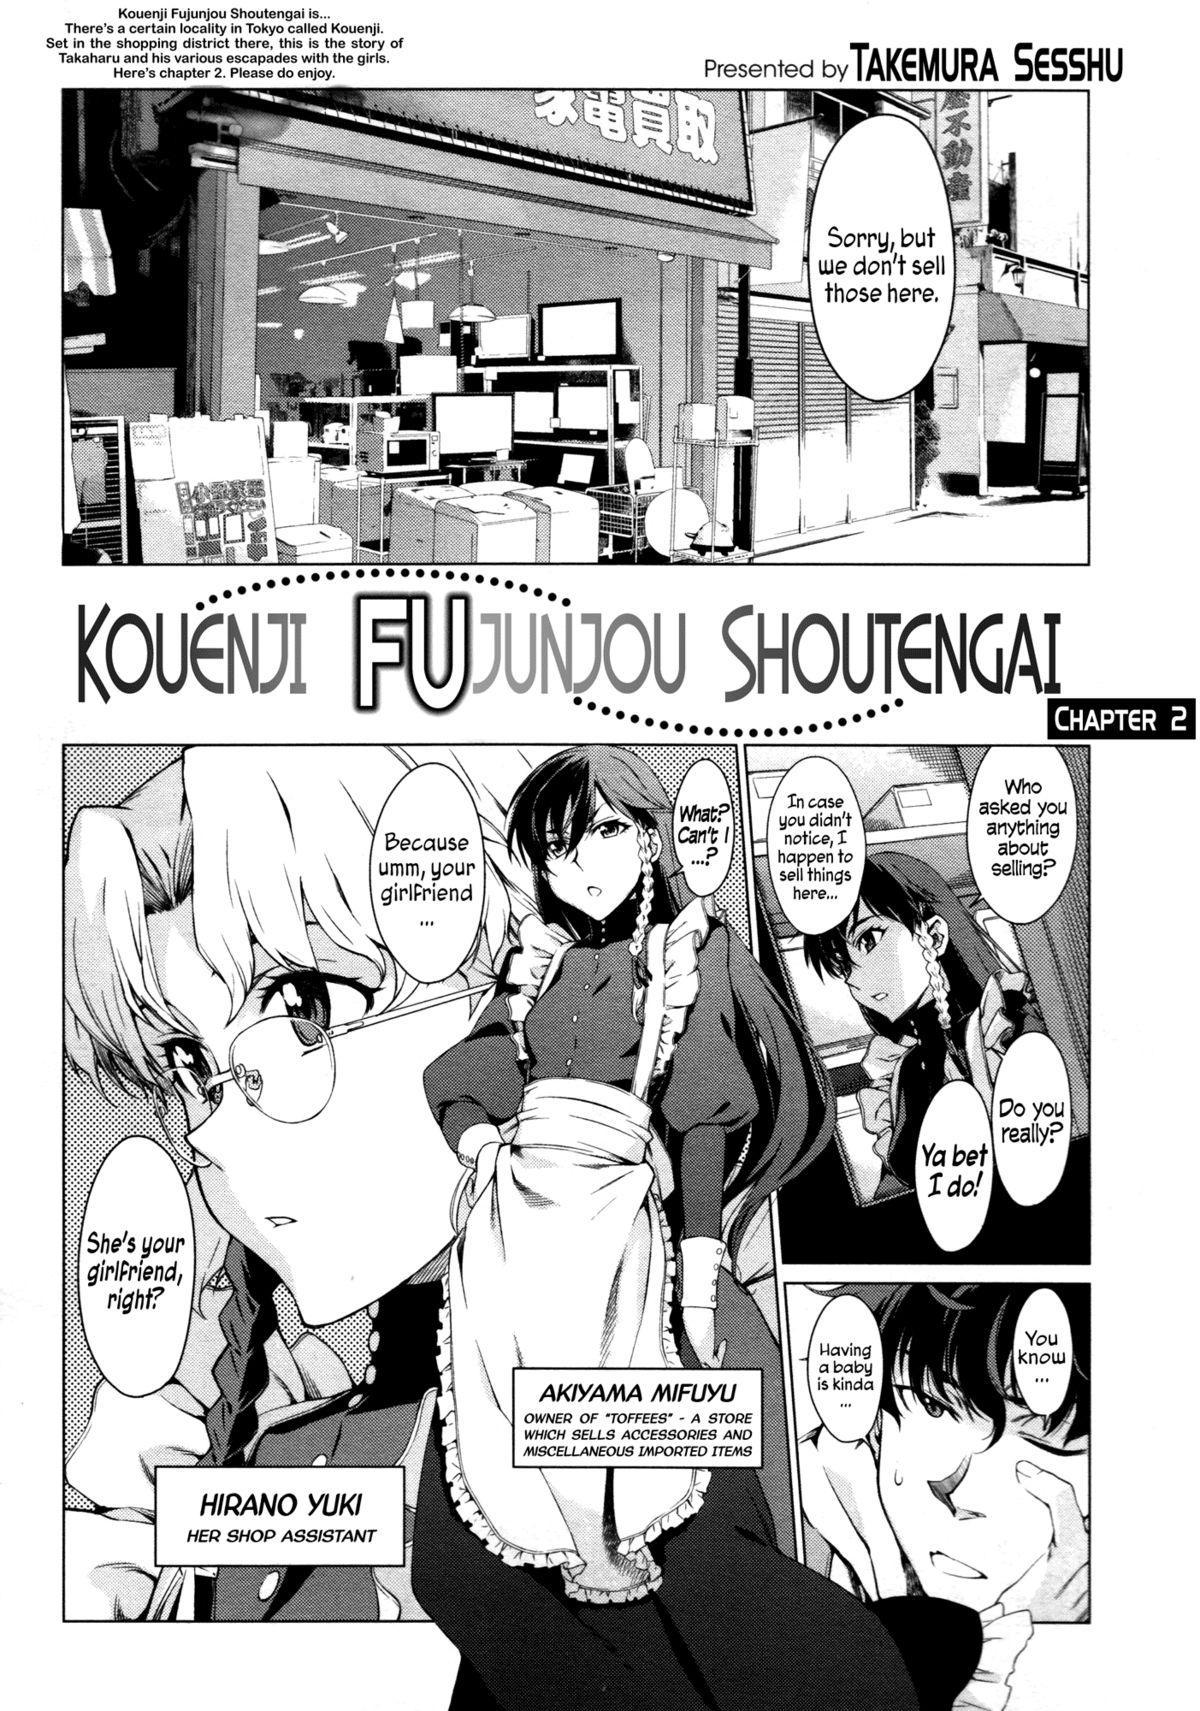 Kouenji Fujunjou Shoutengai Ch.01-02 24